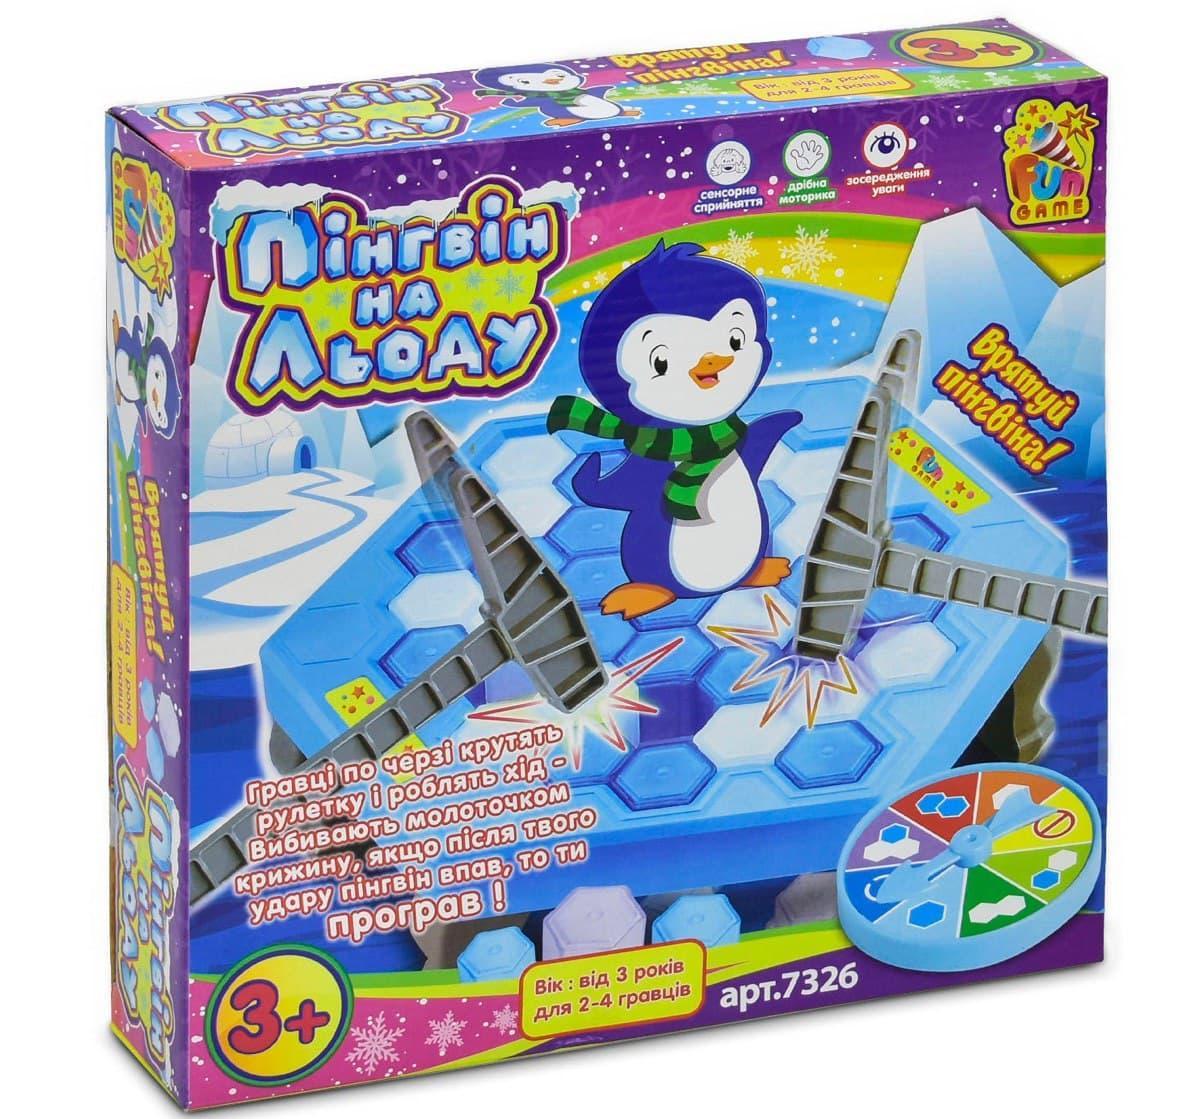 Детская настольная игра Пингвин на льду. Развивающие игры